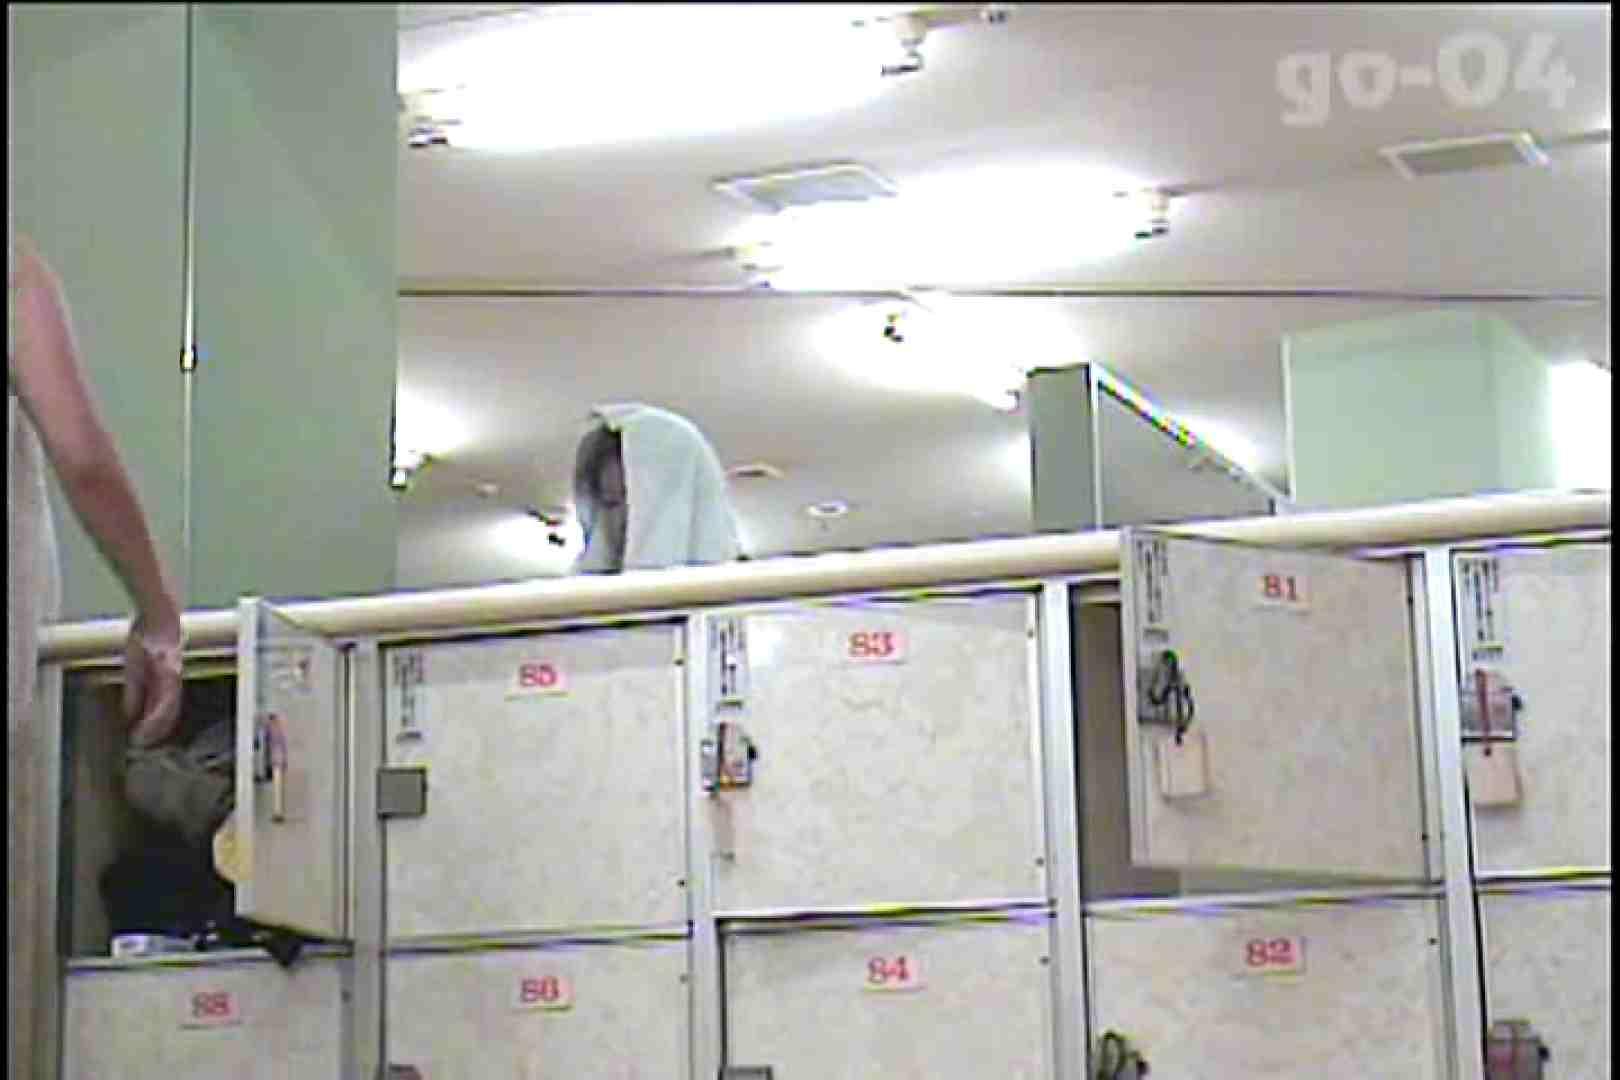 電波カメラ設置浴場からの防HAN映像 Vol.04 盗撮 盗撮動画紹介 102PIX 86